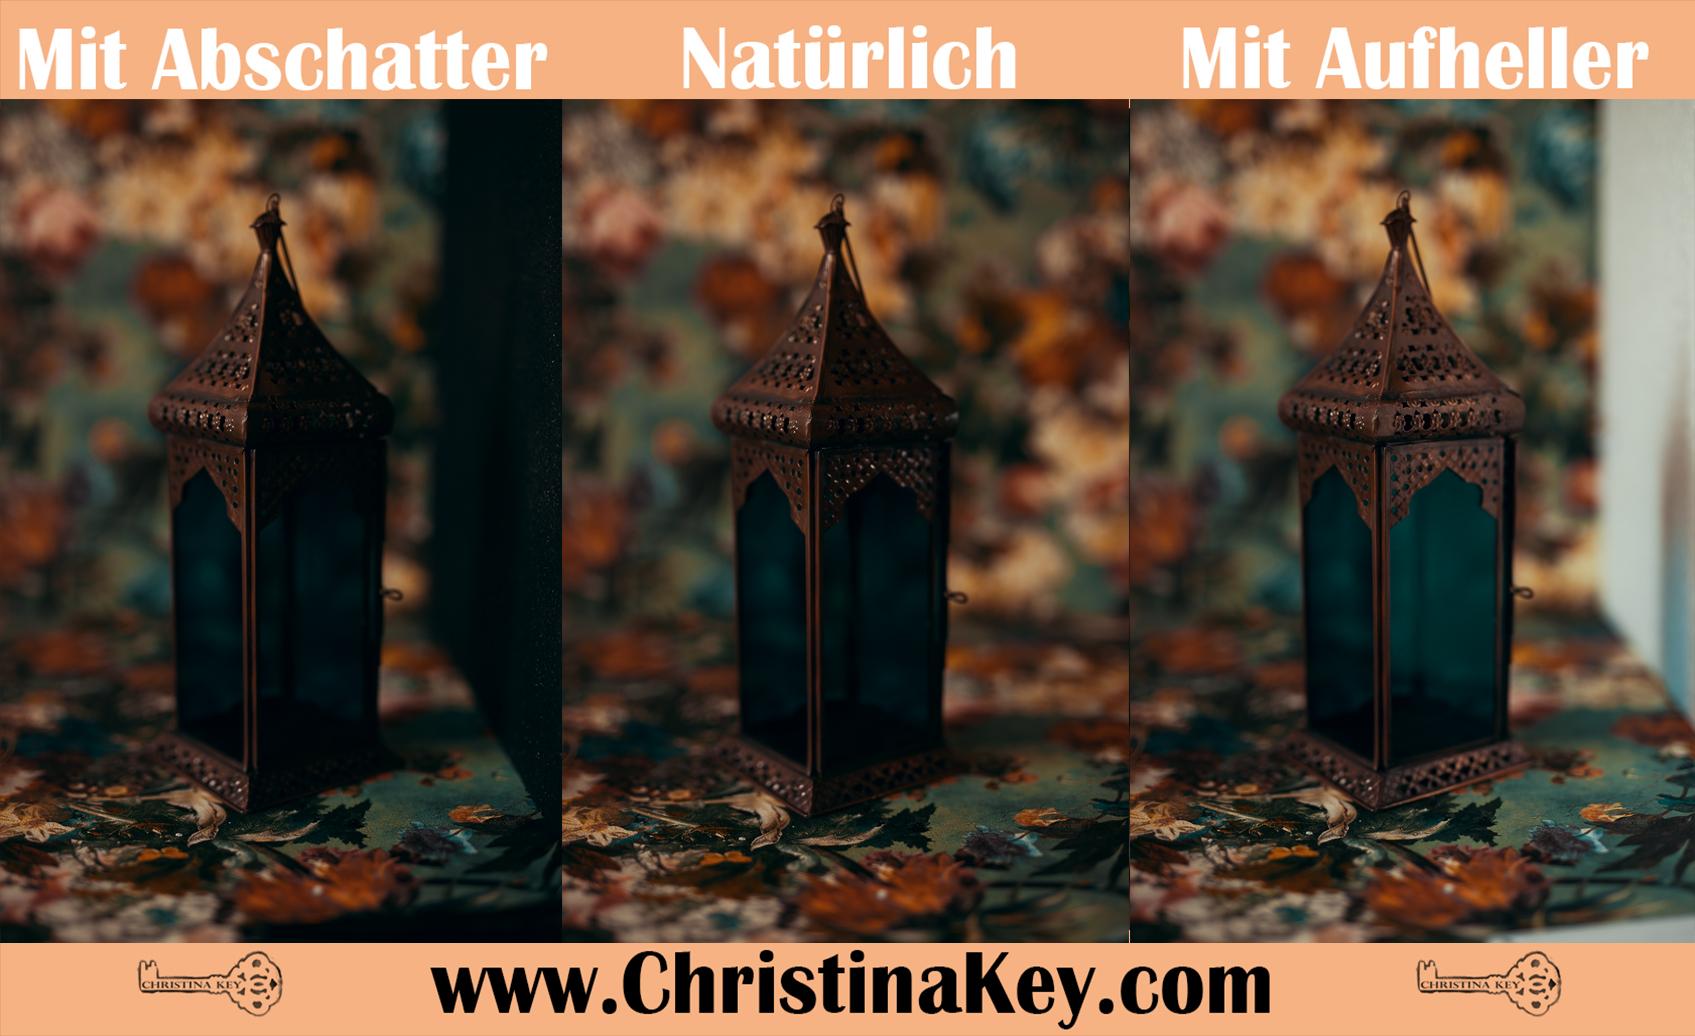 Abschatter Aufheller natürliches Licht Vergleich